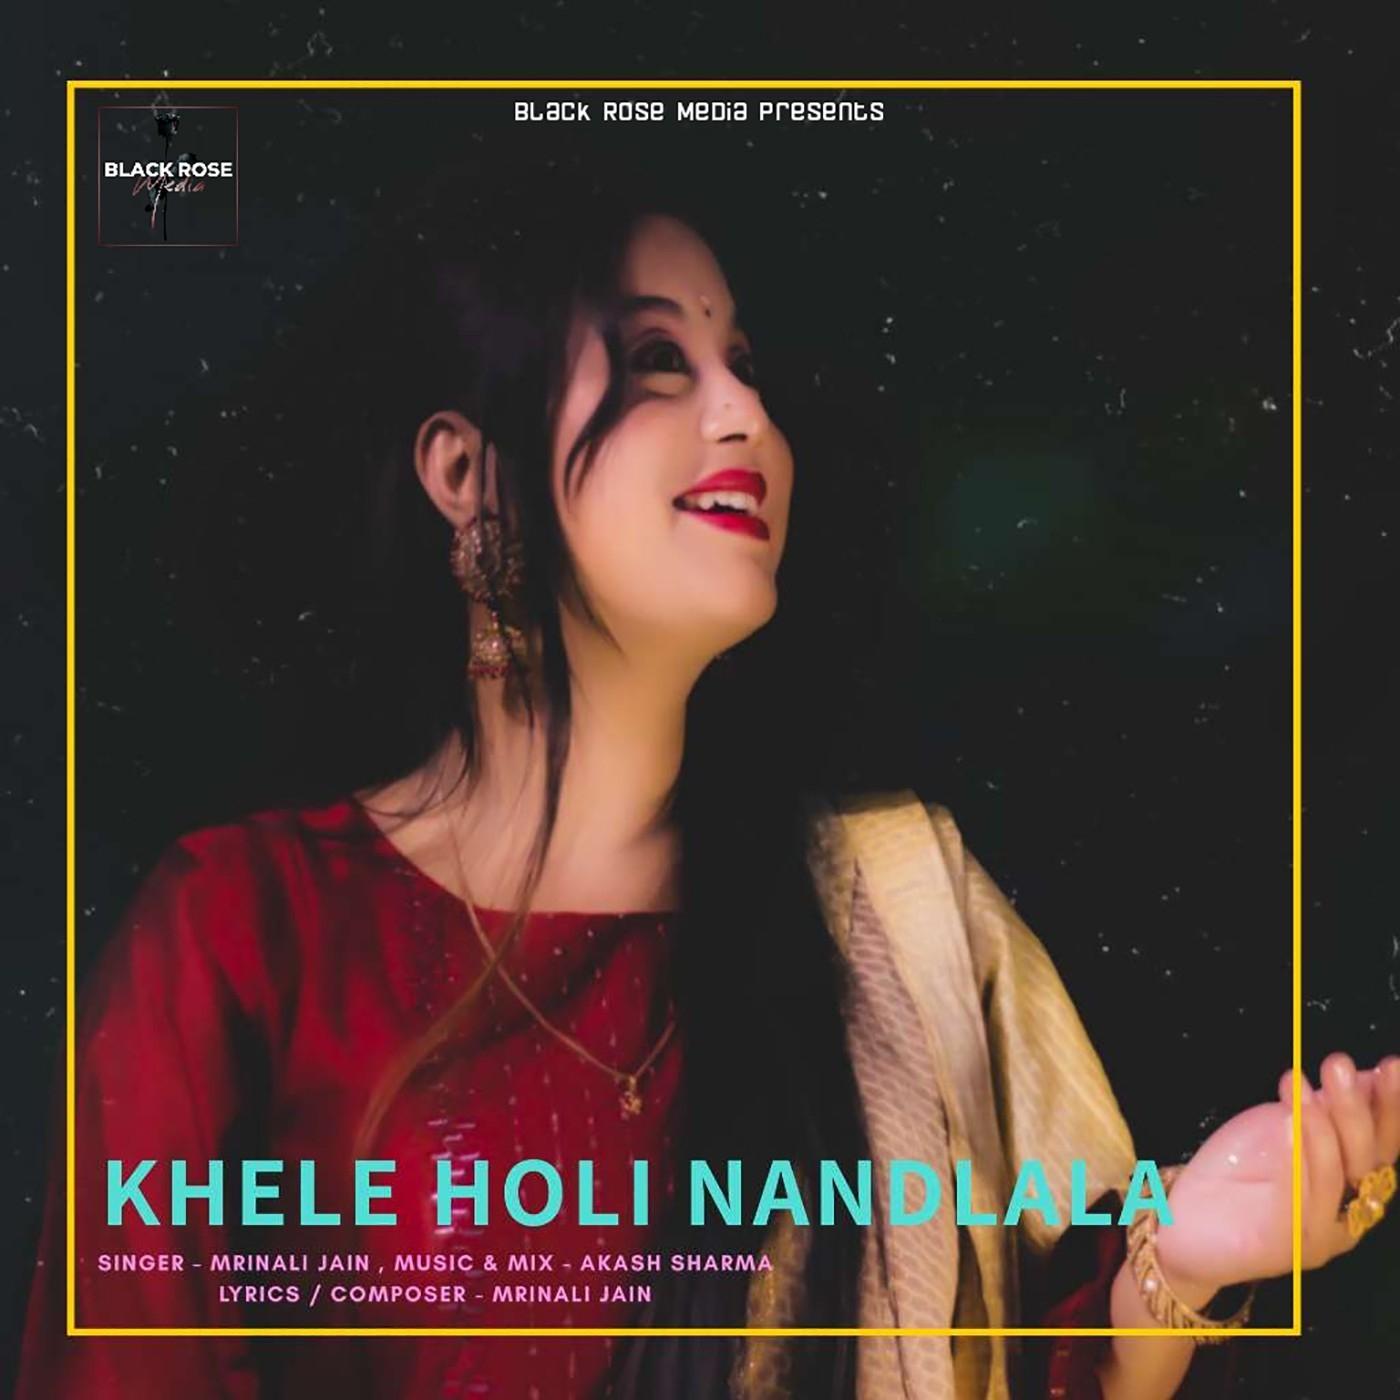 Khele Holi Nandlala songs